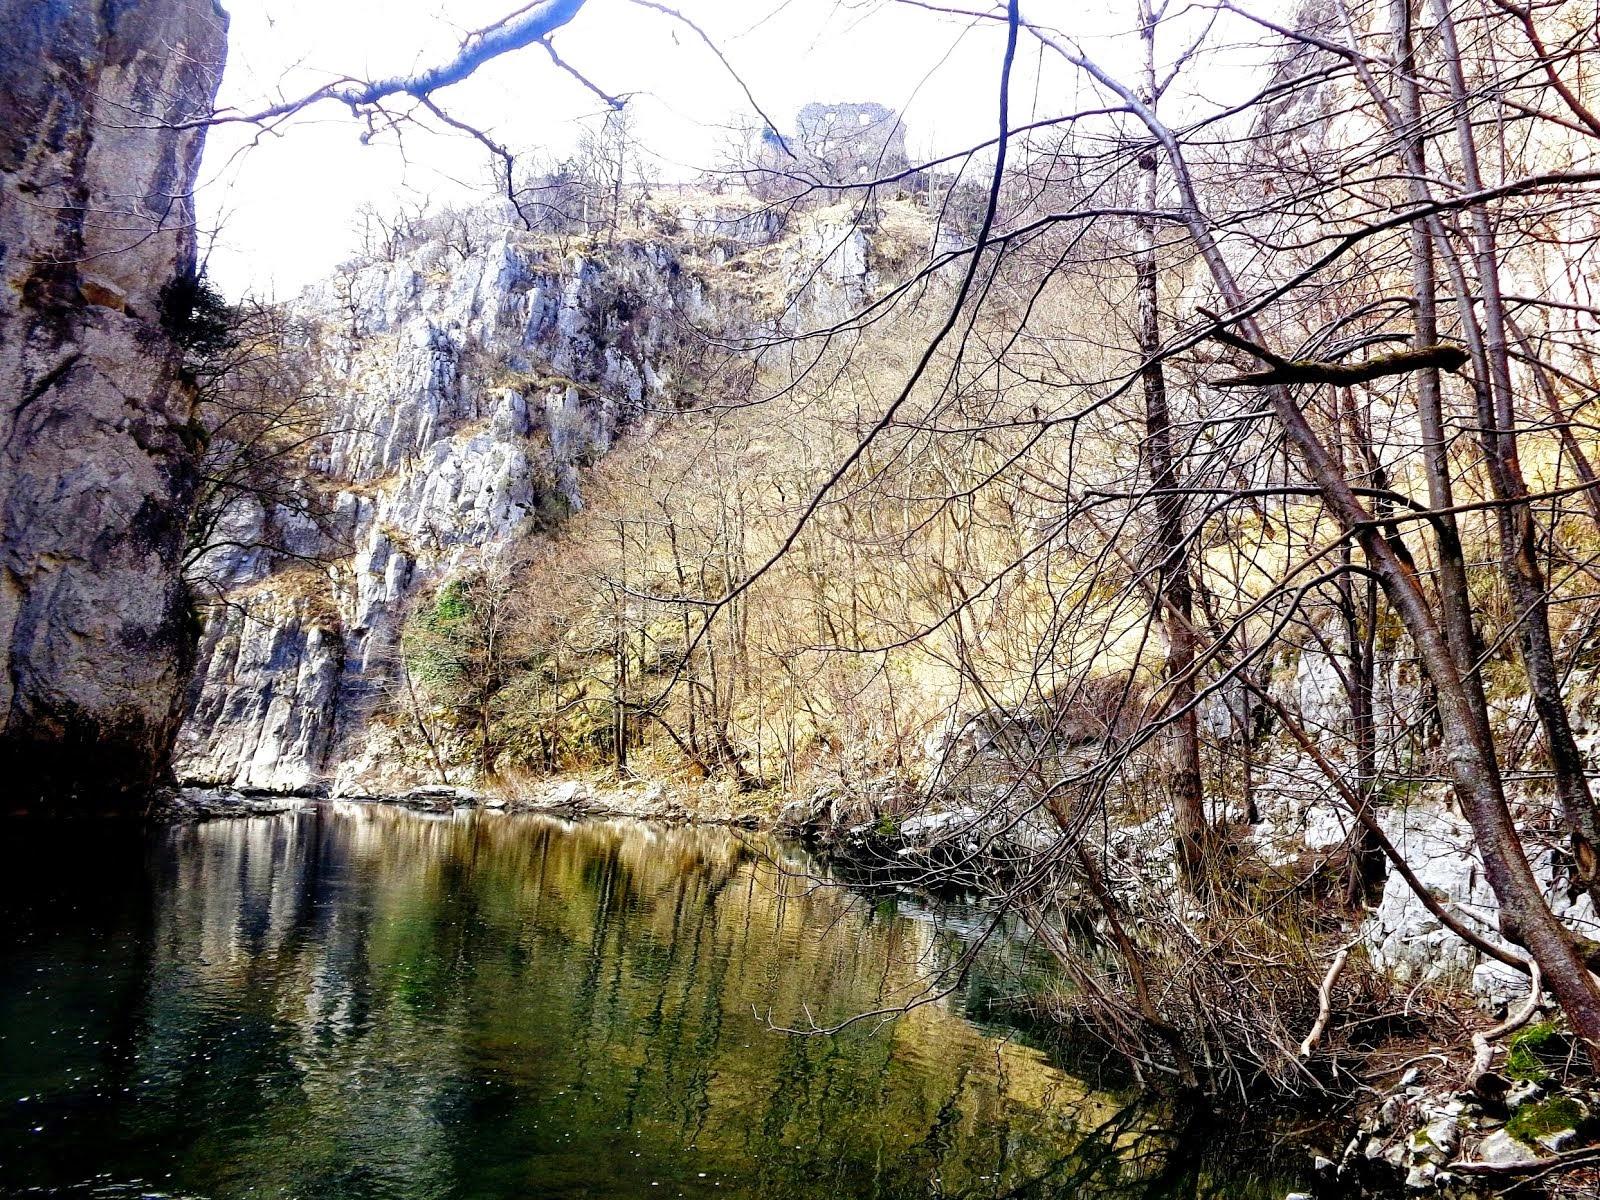 11 aprile 2015 - in visita al parco regionale delle grotte di San Canziano con il Cai di Chivasso